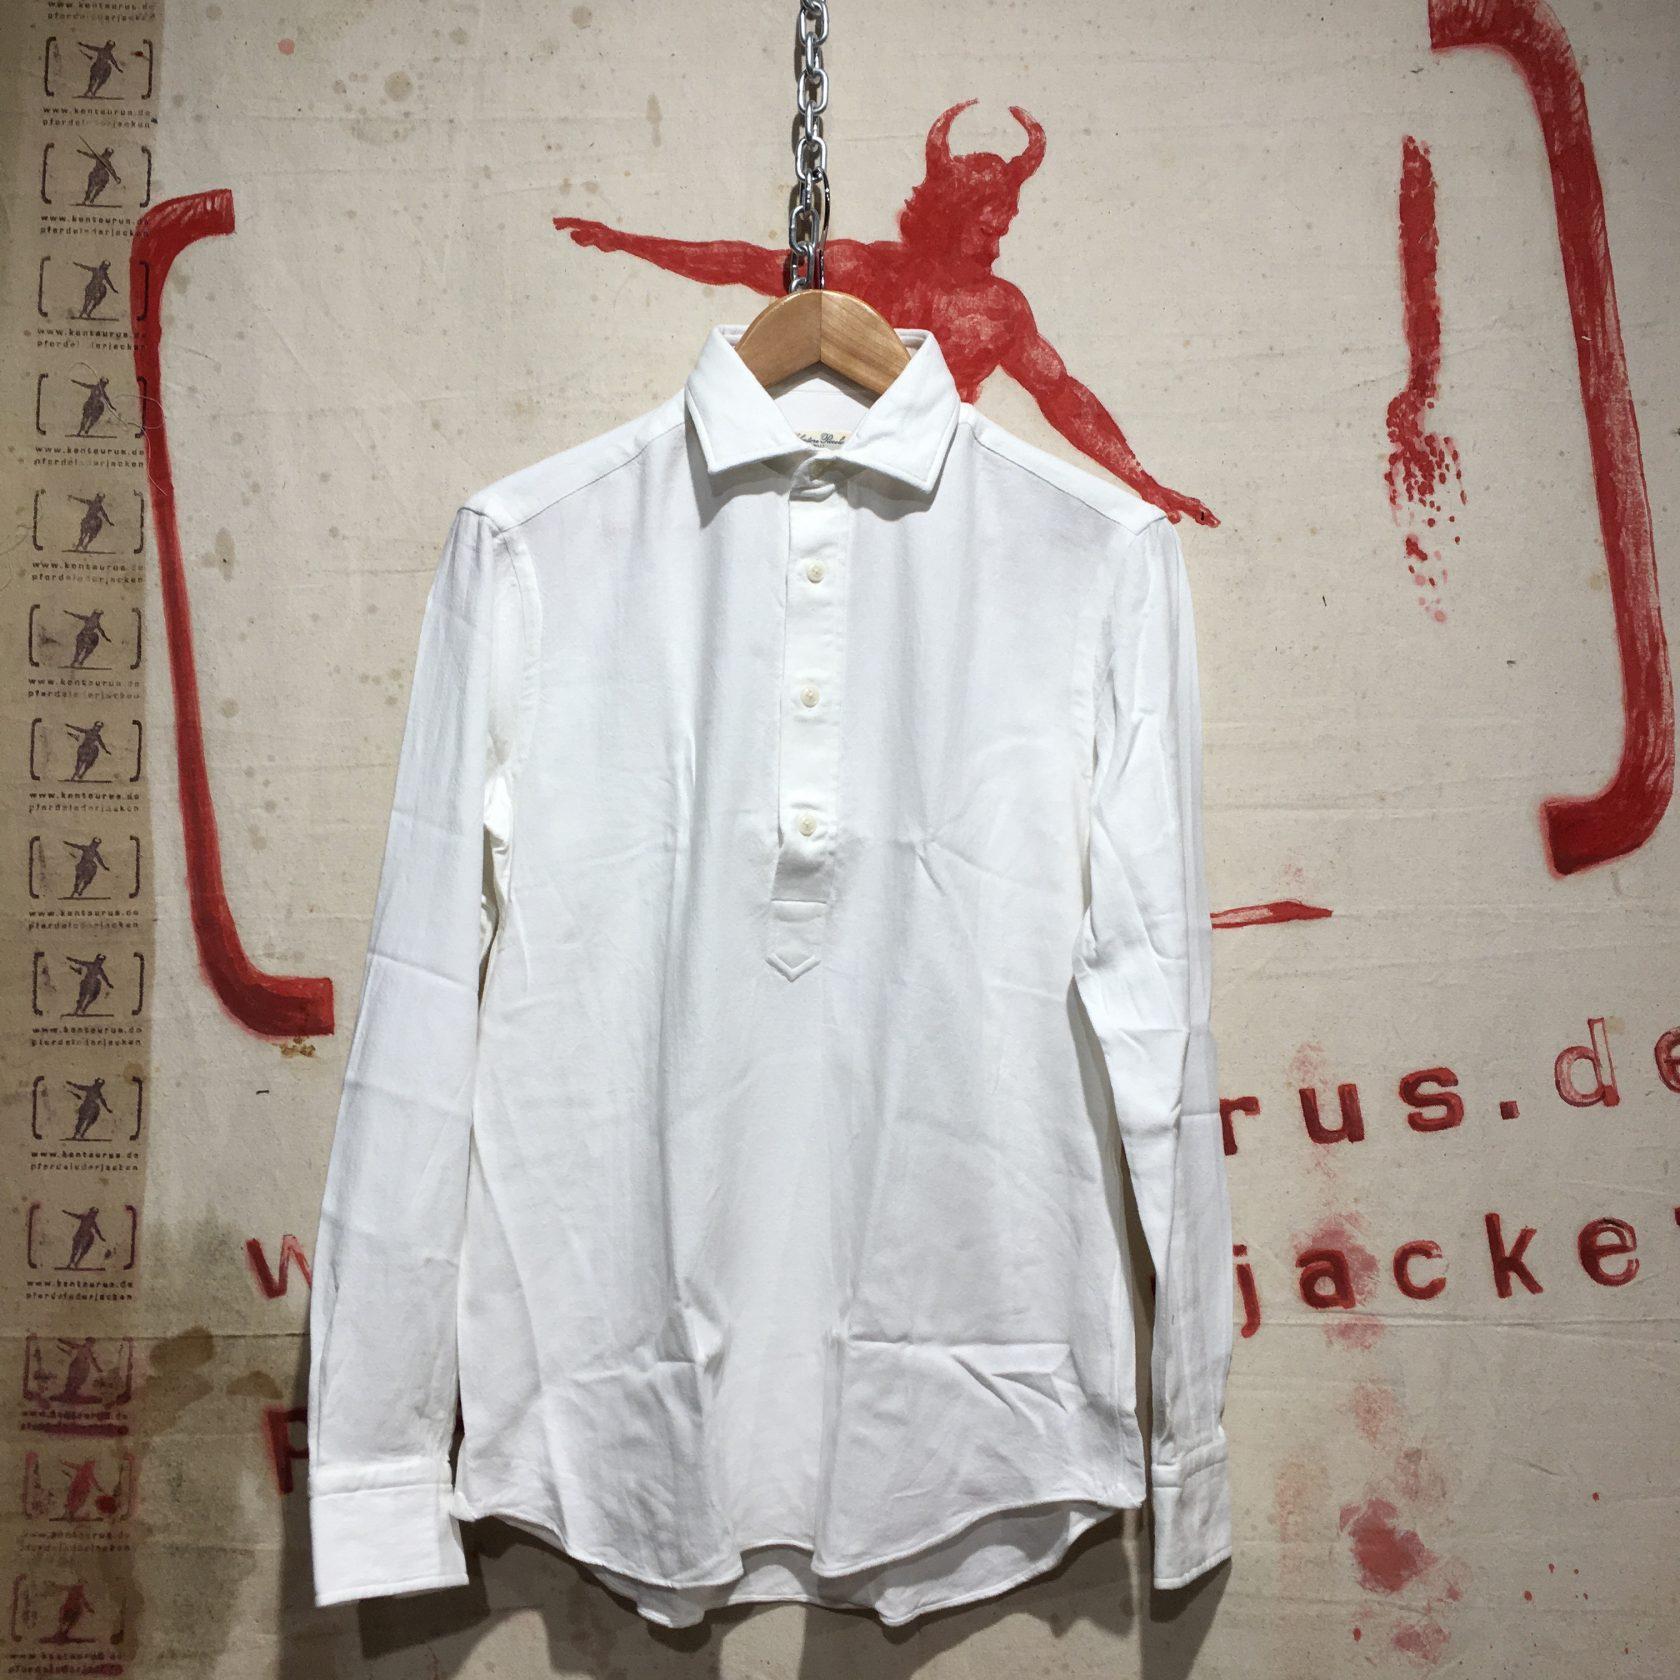 Piccolo white shirt